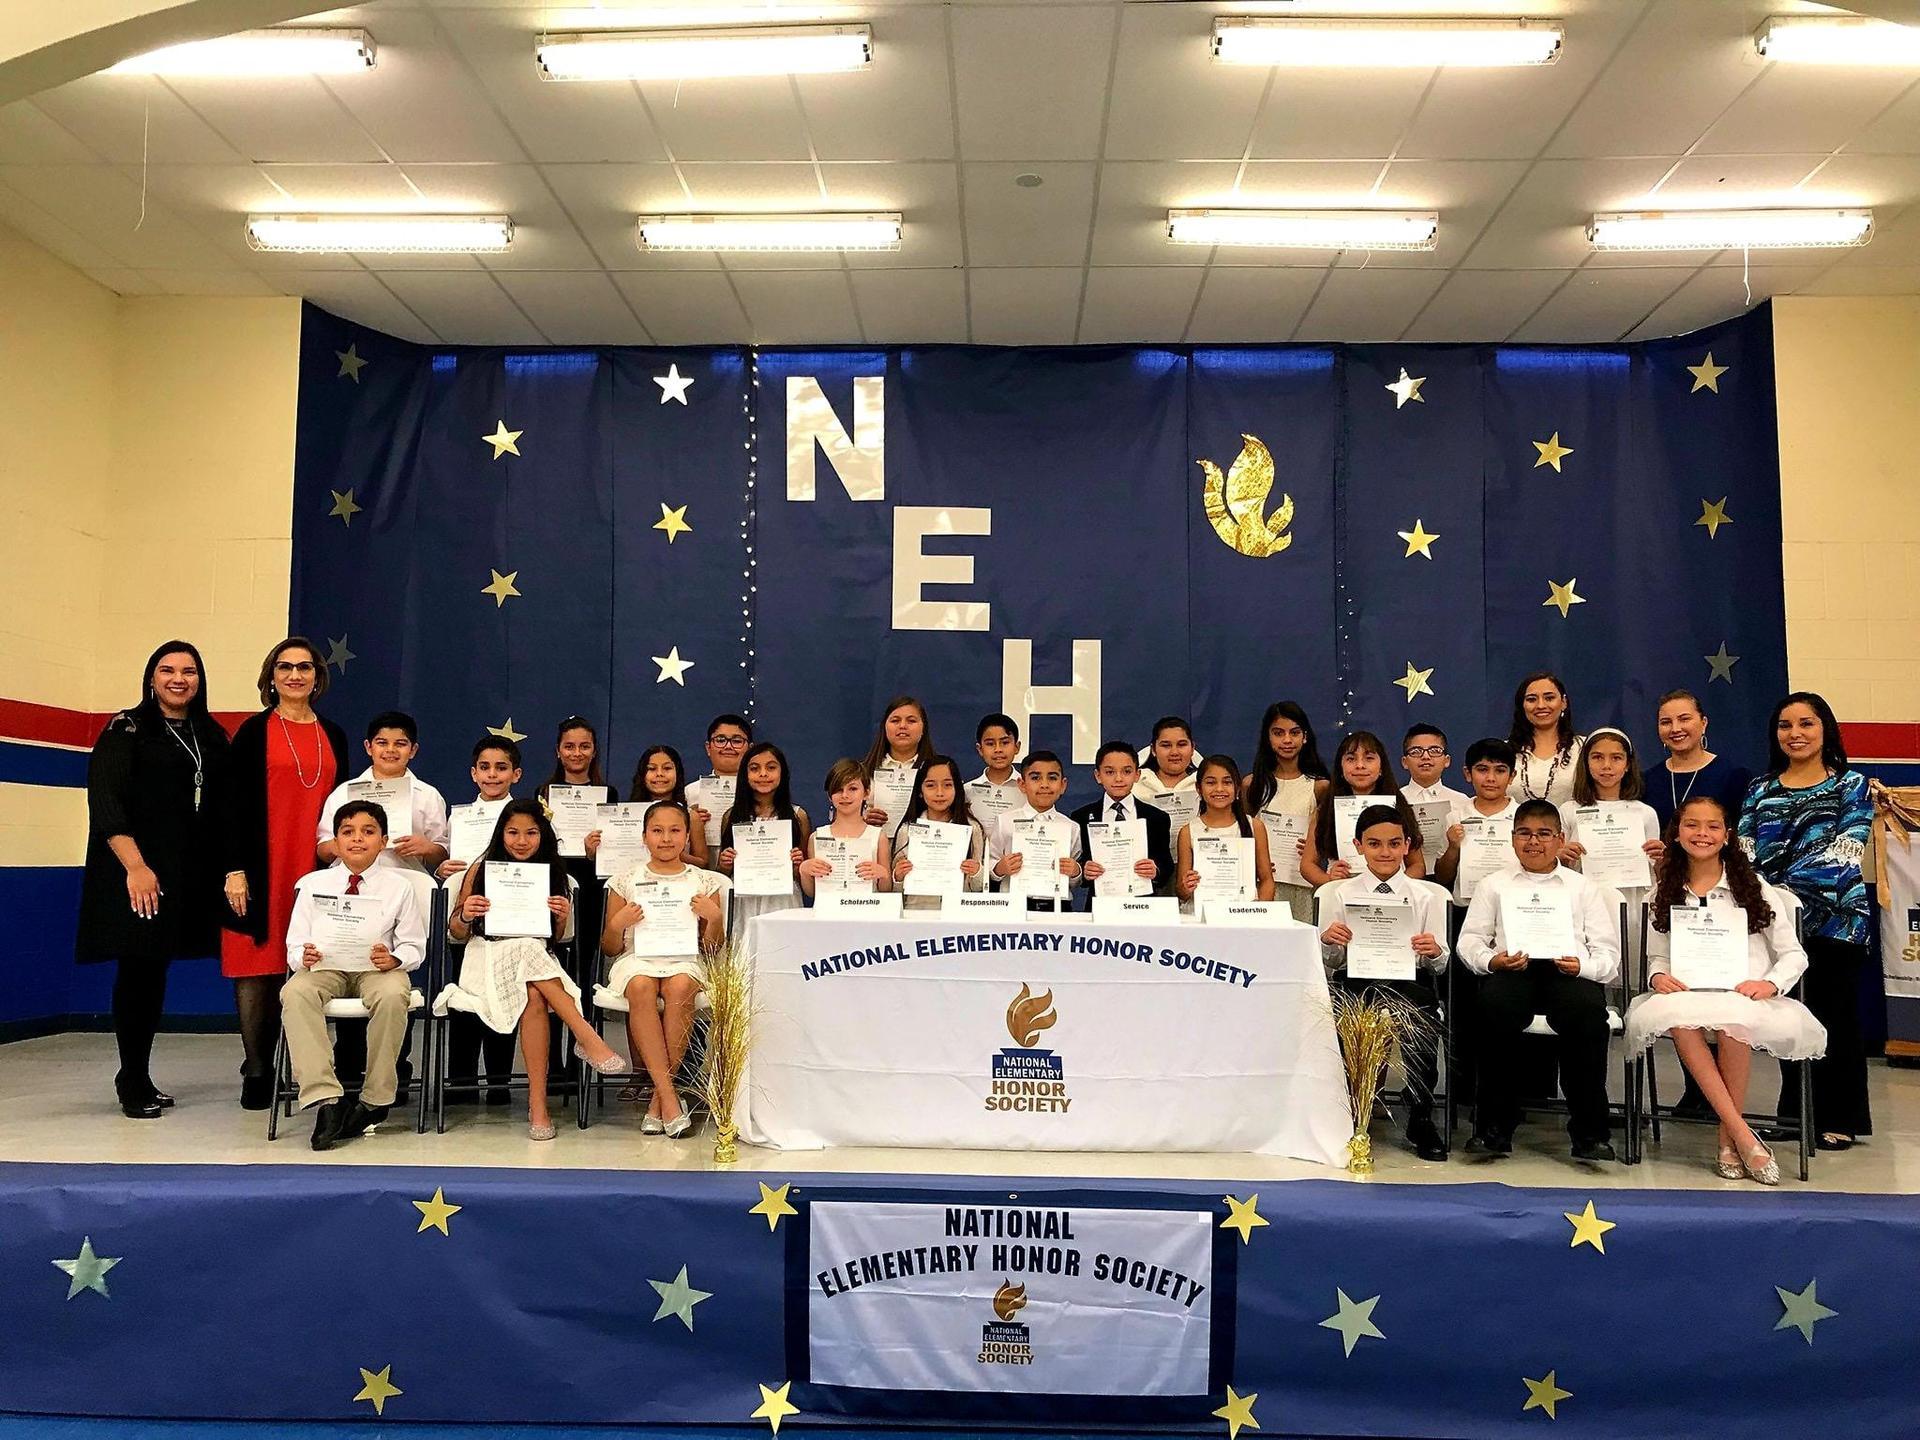 NEHS members 2018-2019